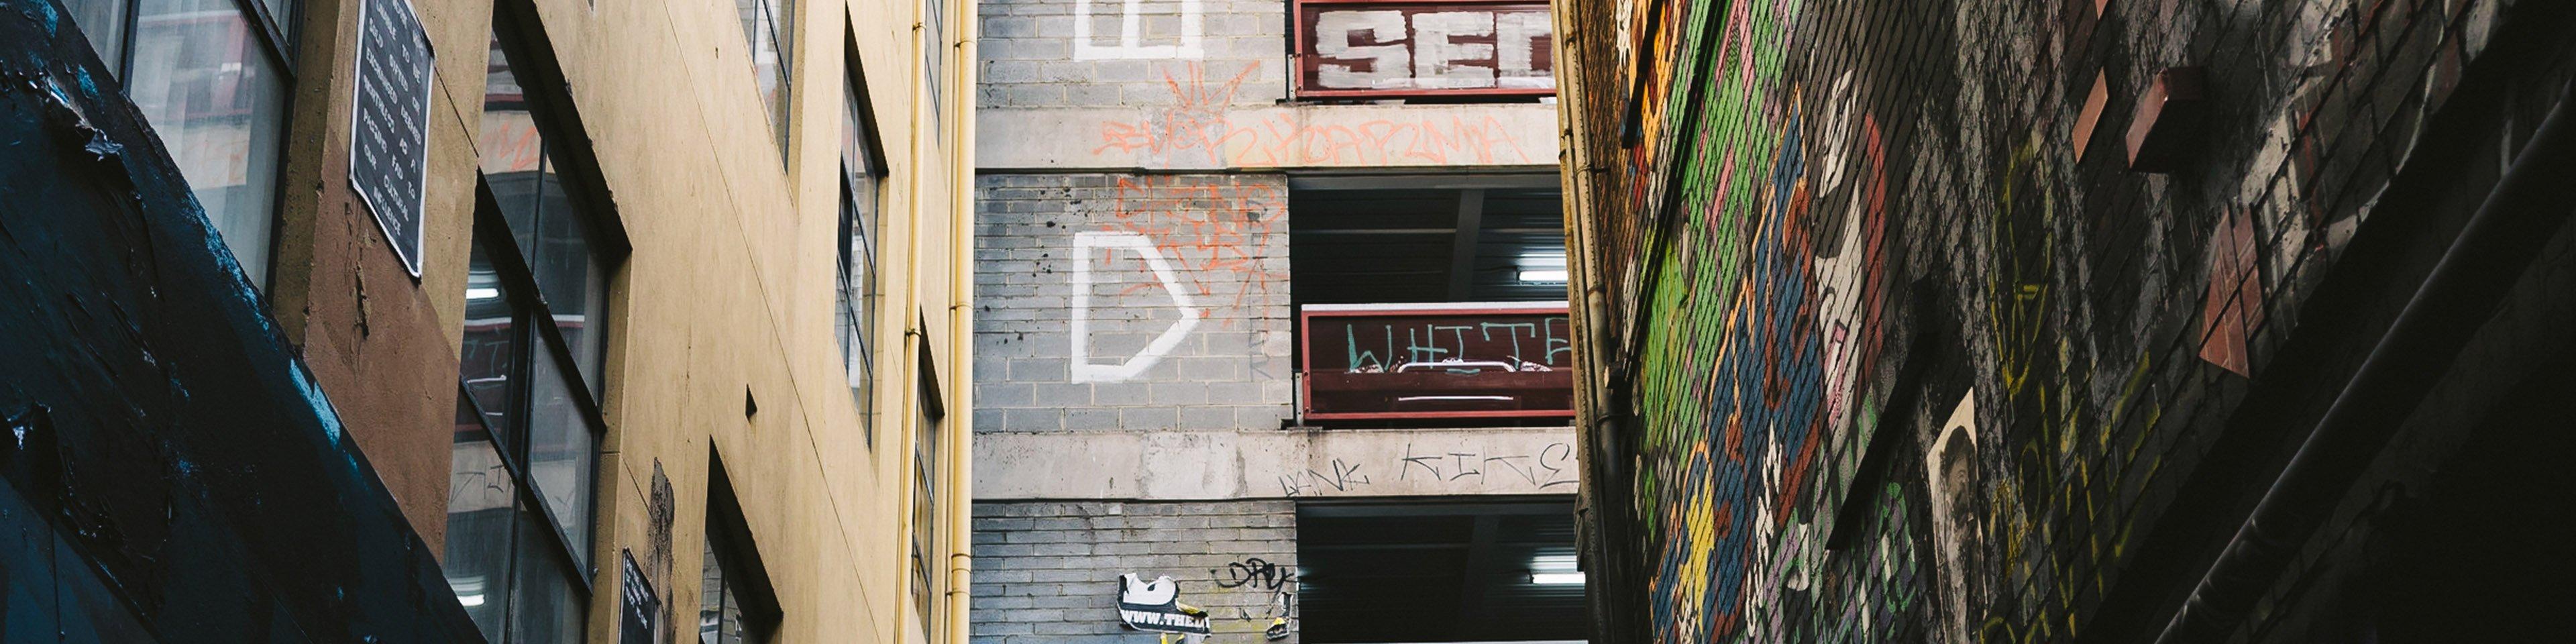 Melbourne Graffiti Alley